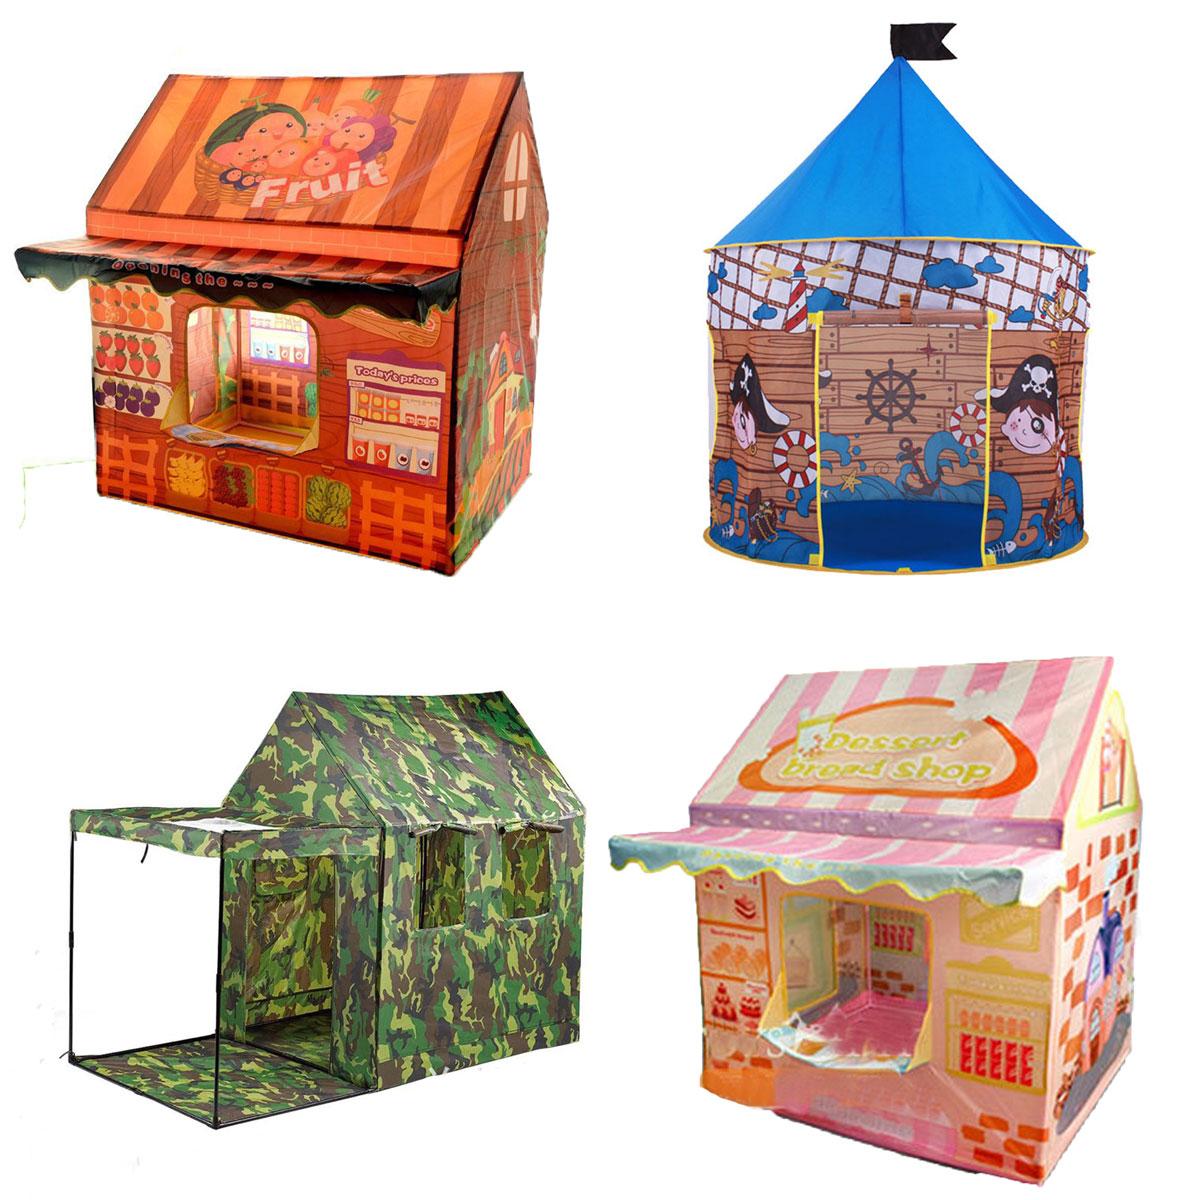 Tente de Jeu de Château de princesse pour Filles Garçons Jouets Meilleur Cadeau D'anniversaire De Noël Pliable Jeu playhouse Portable Yourte